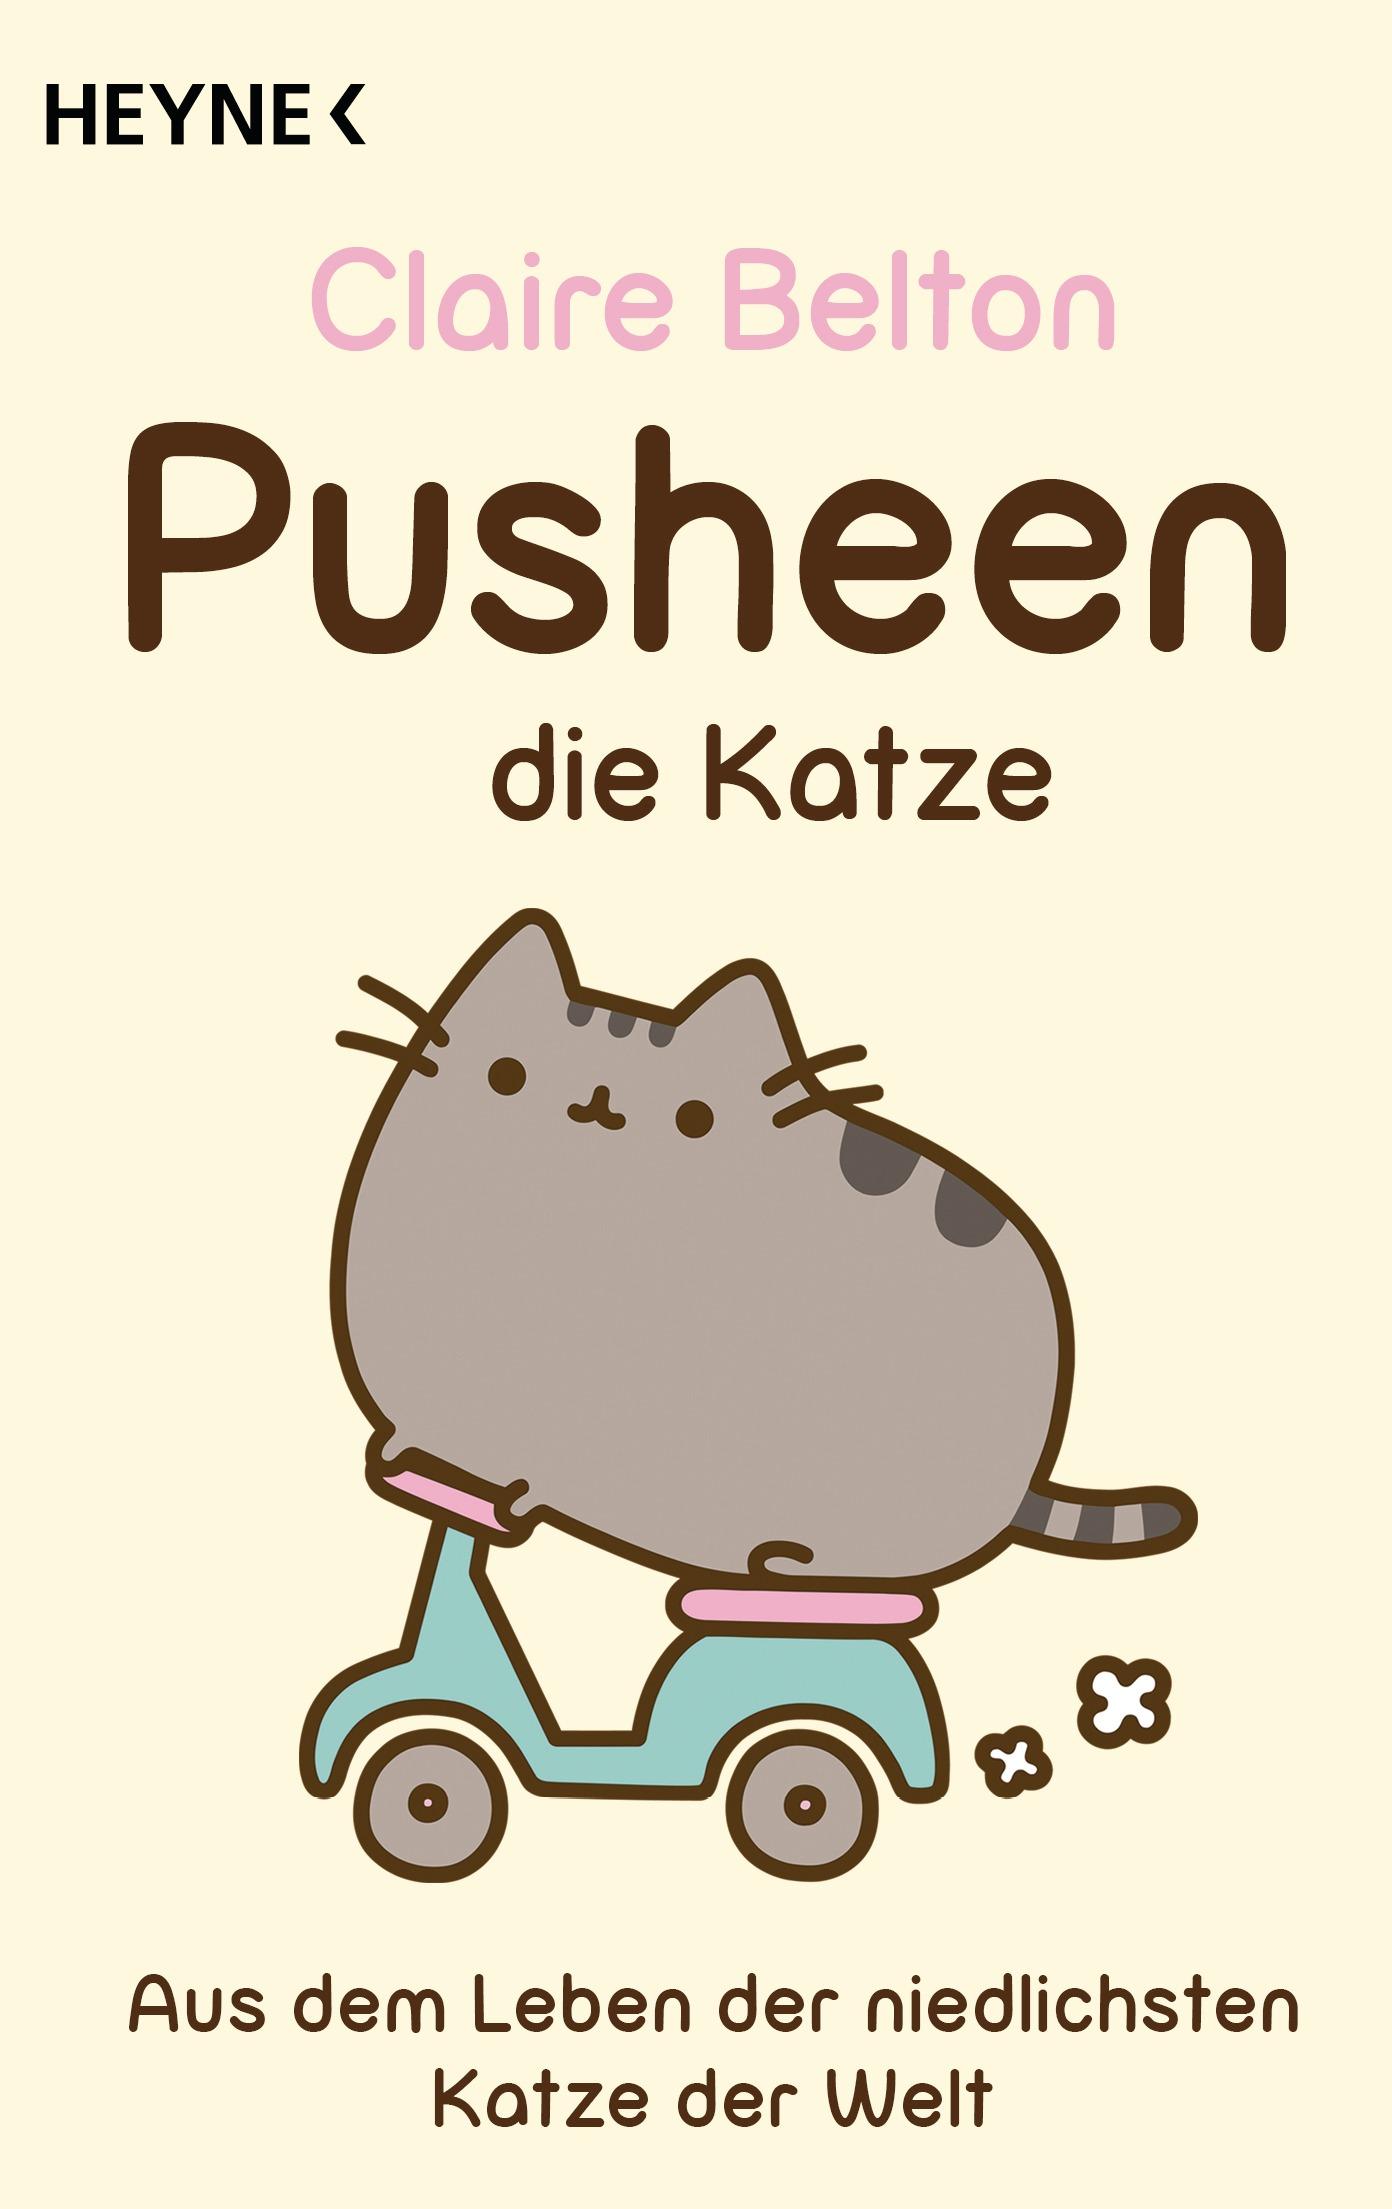 Pusheen, die Katze: Aus dem Leben der niedlichsten Katze der Welt - Claire Belton